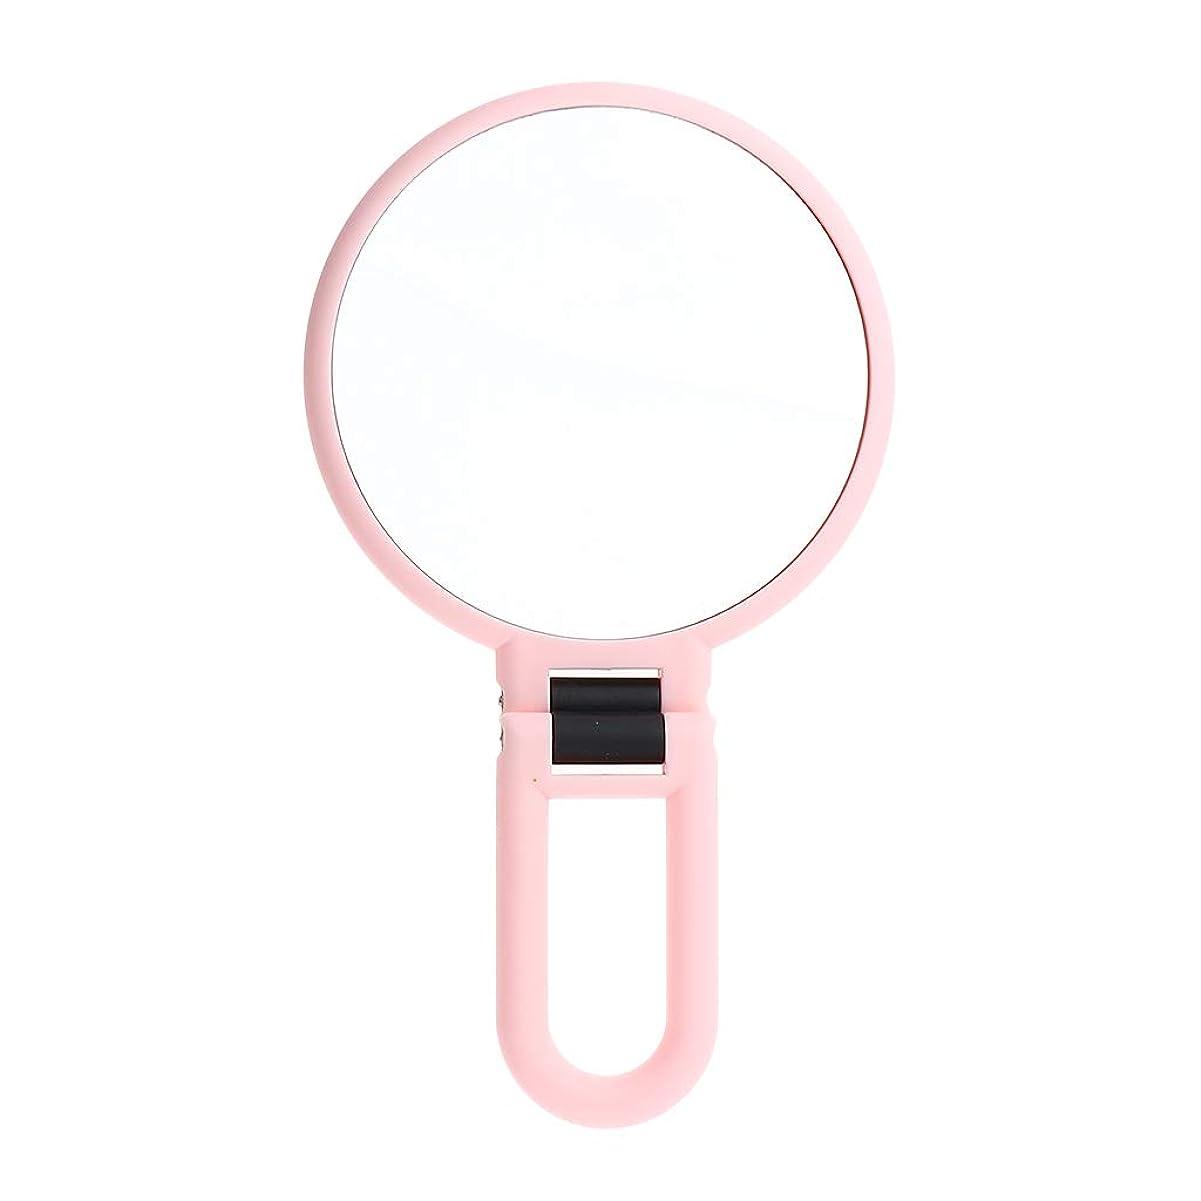 入り口貨物卑しいP Prettyia メイクアップミラー 拡大鏡 両面鏡 手鏡 ピンク 旅行 携帯便利 2タイプ選べ - 5倍